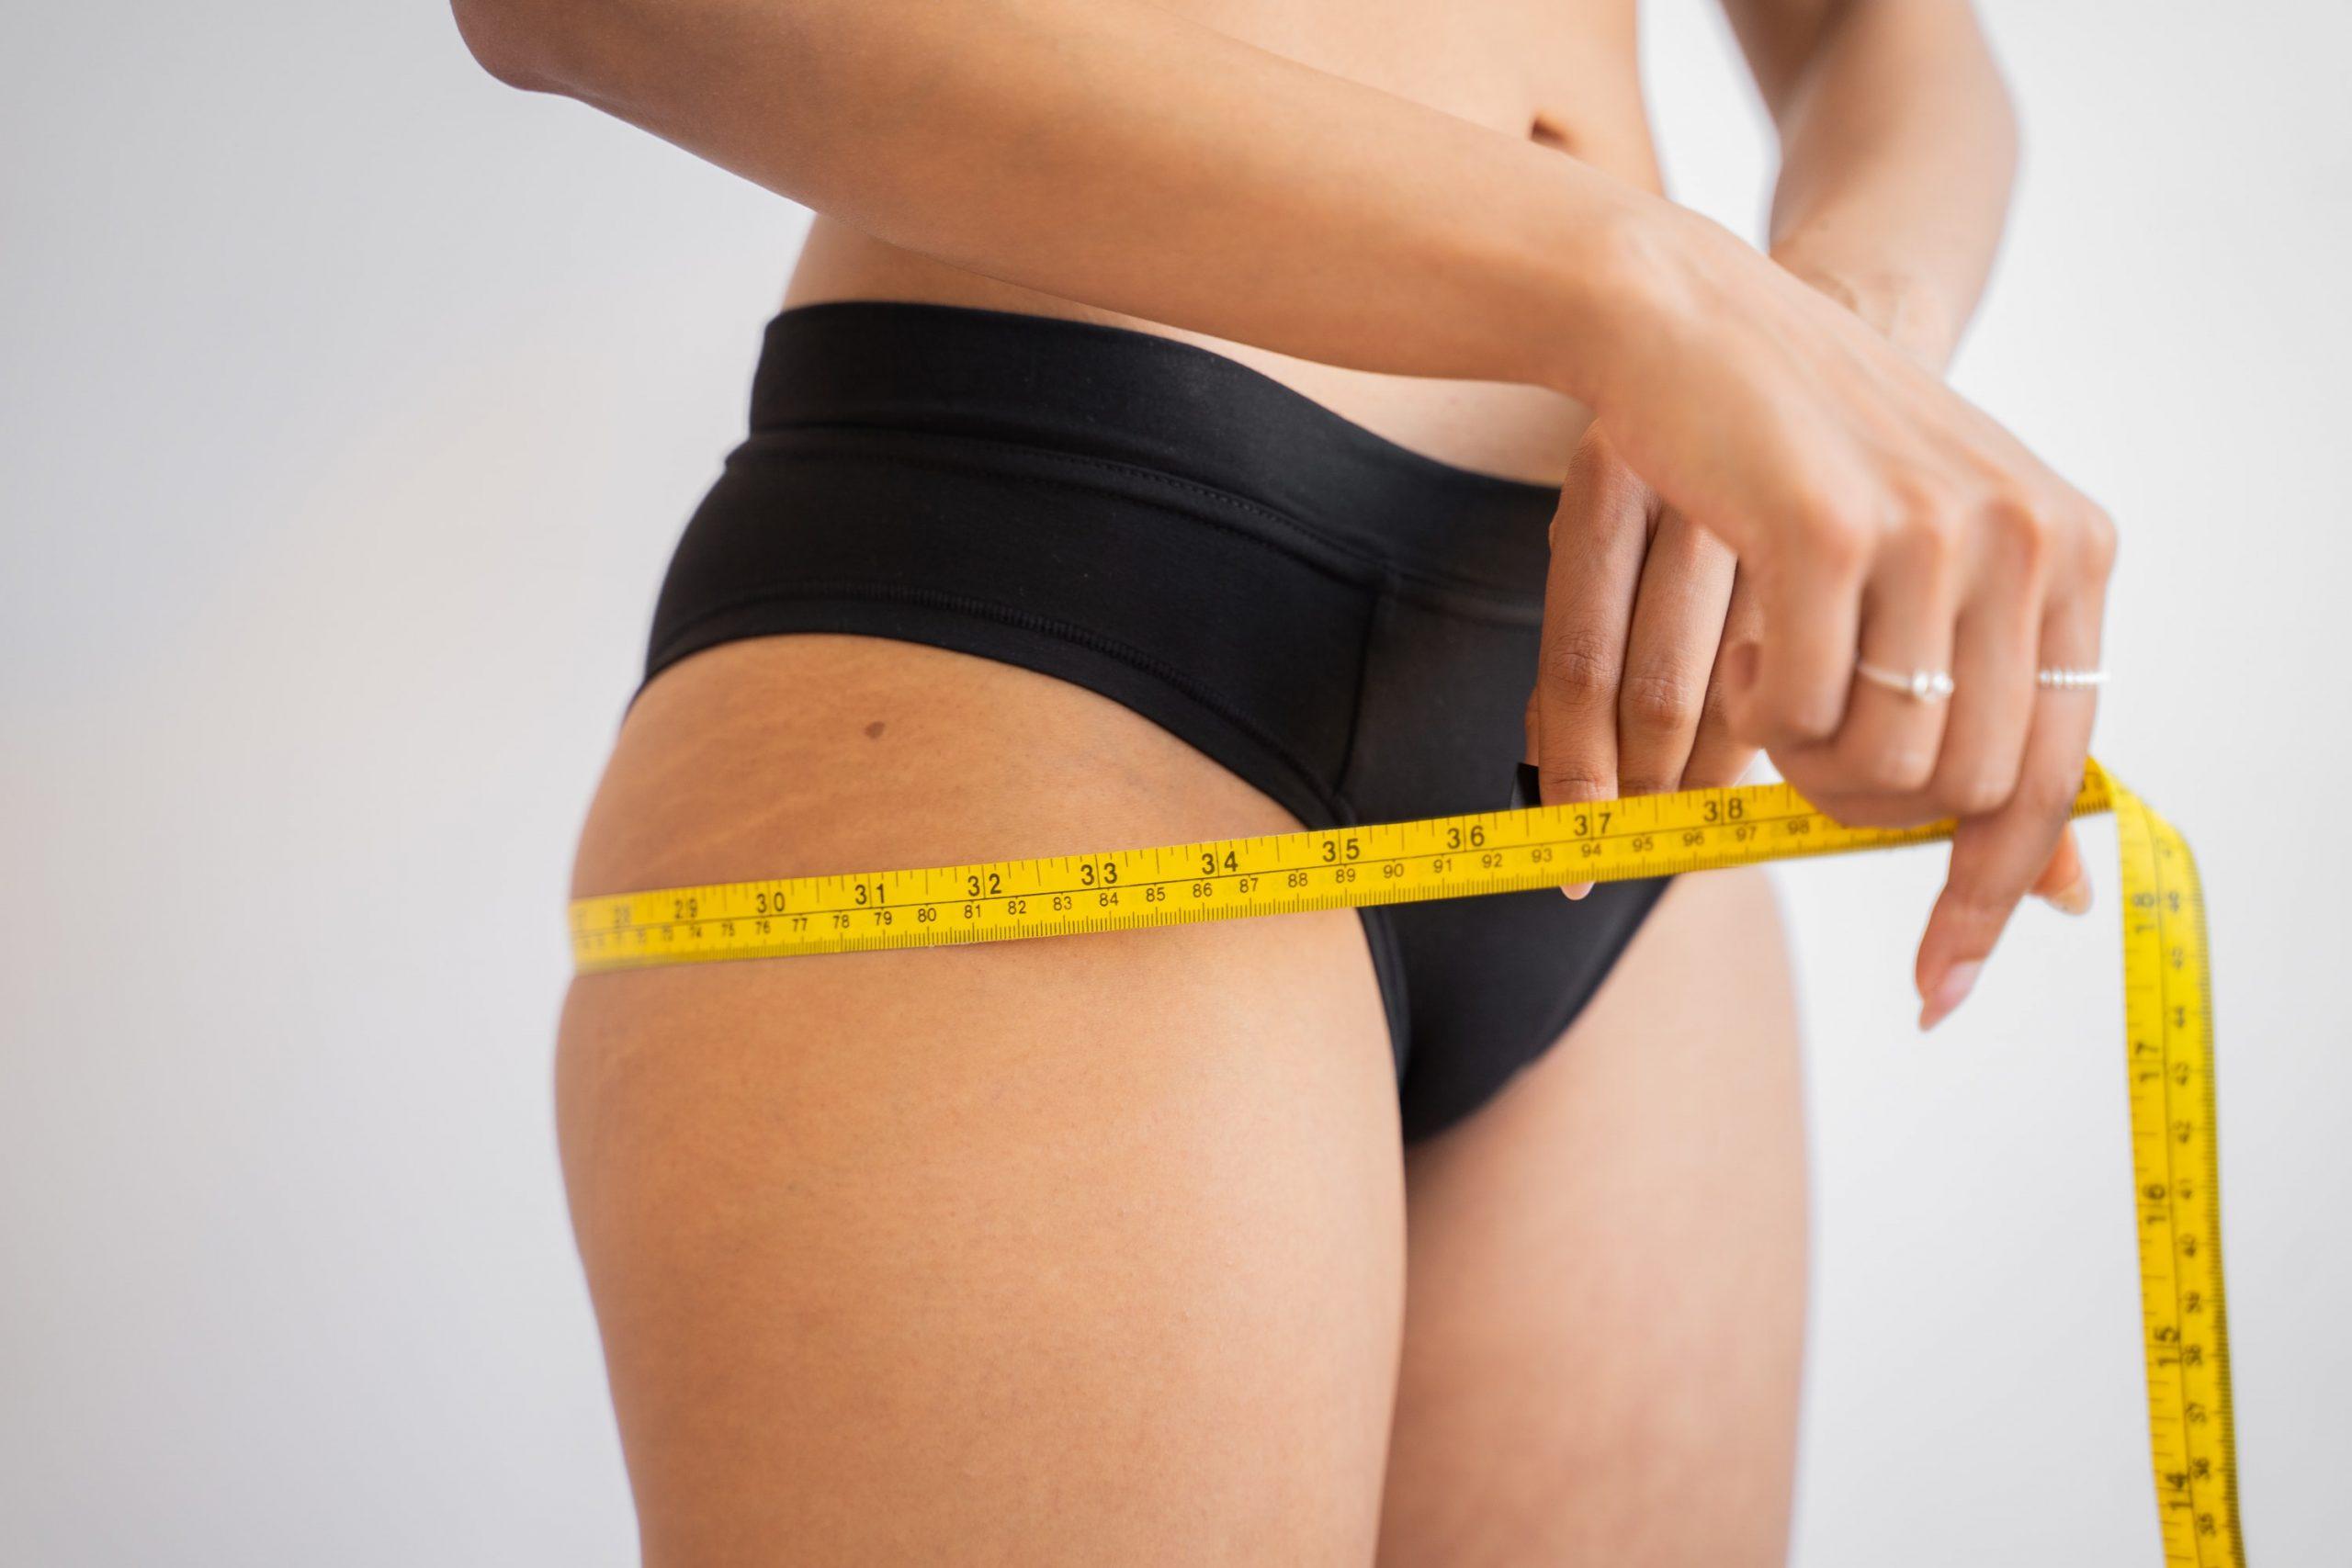 Imagem de uma mulher medindo a circunferência do quadril.